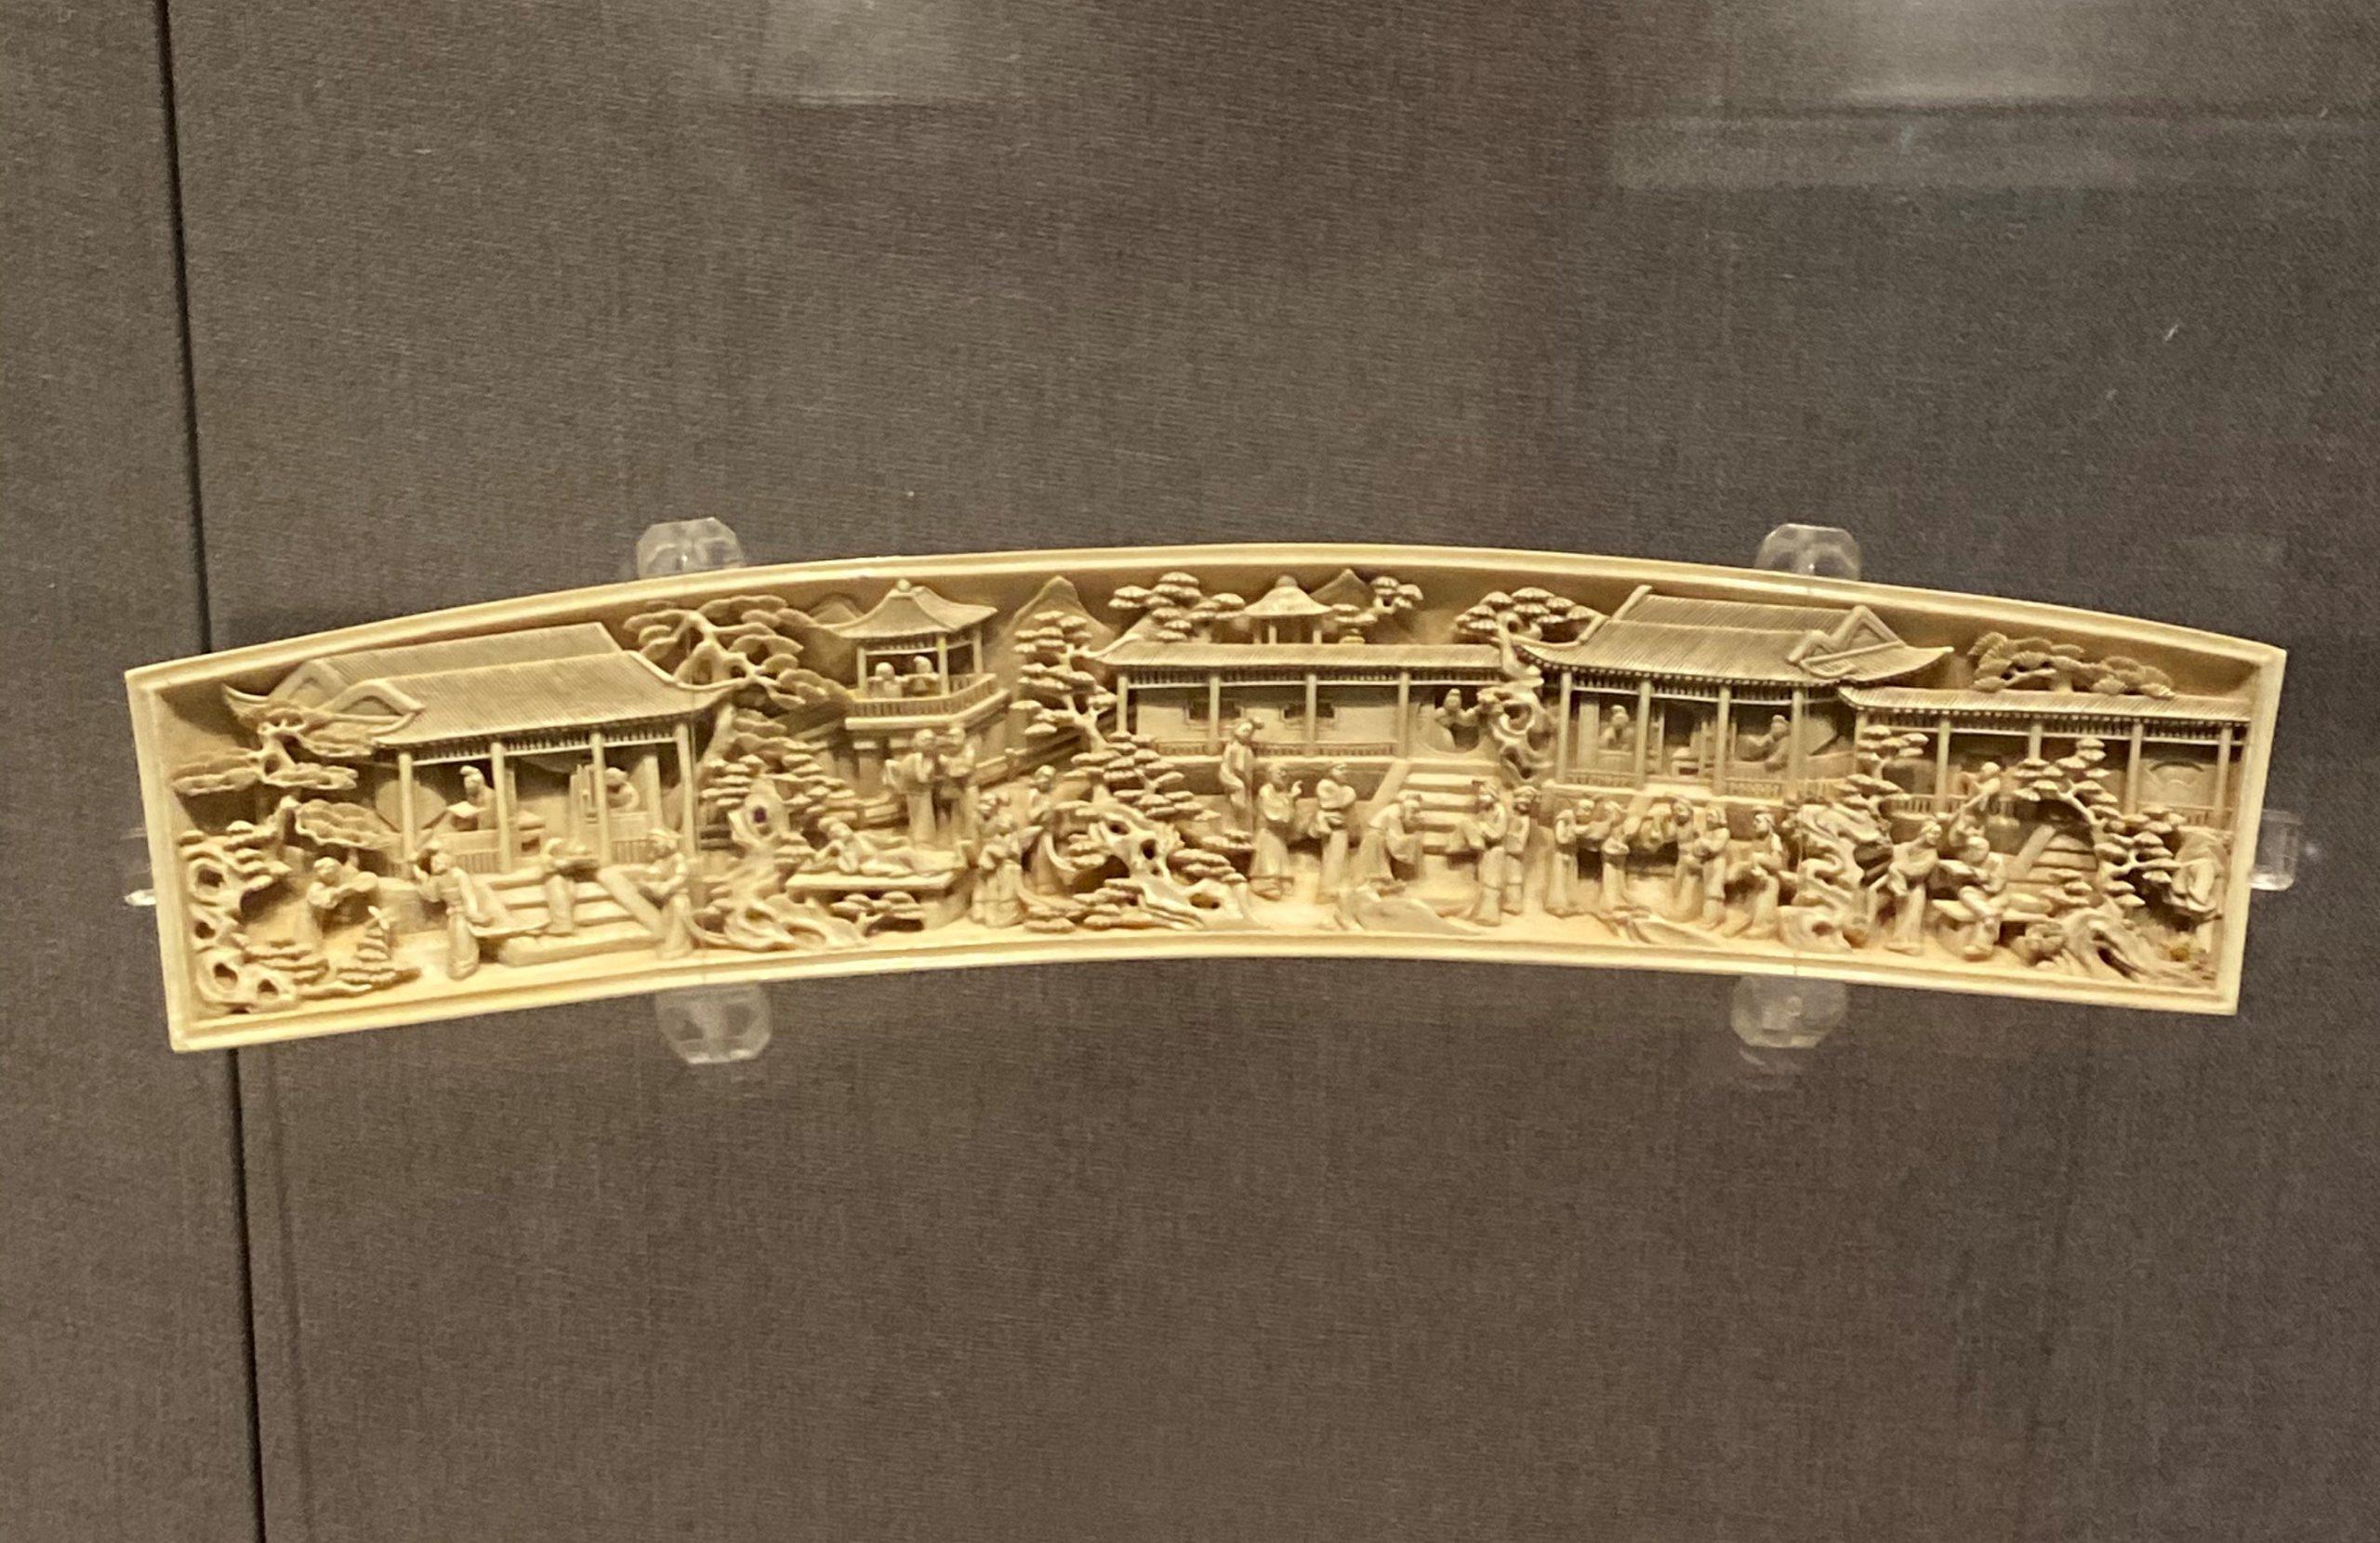 象牙彫臂擱-紅楼万夢物語-清代-工藝美術館-四川博物館-成都